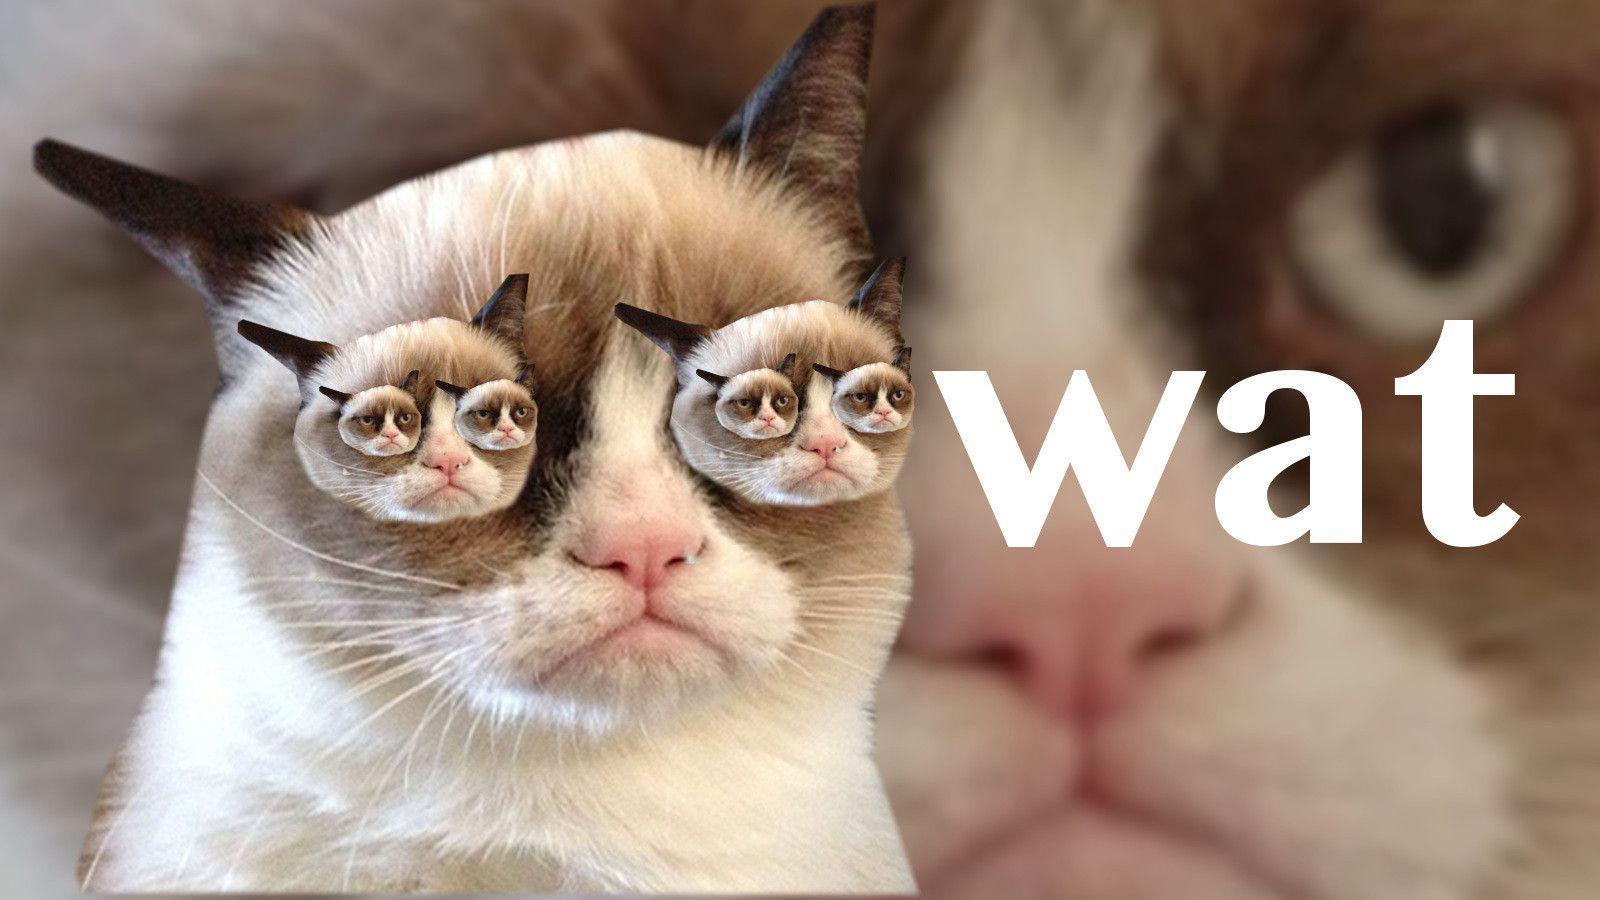 Grumpy Cat Wallpaper Quotes Grumpy Cat Wallpapers Wallpaper Cave